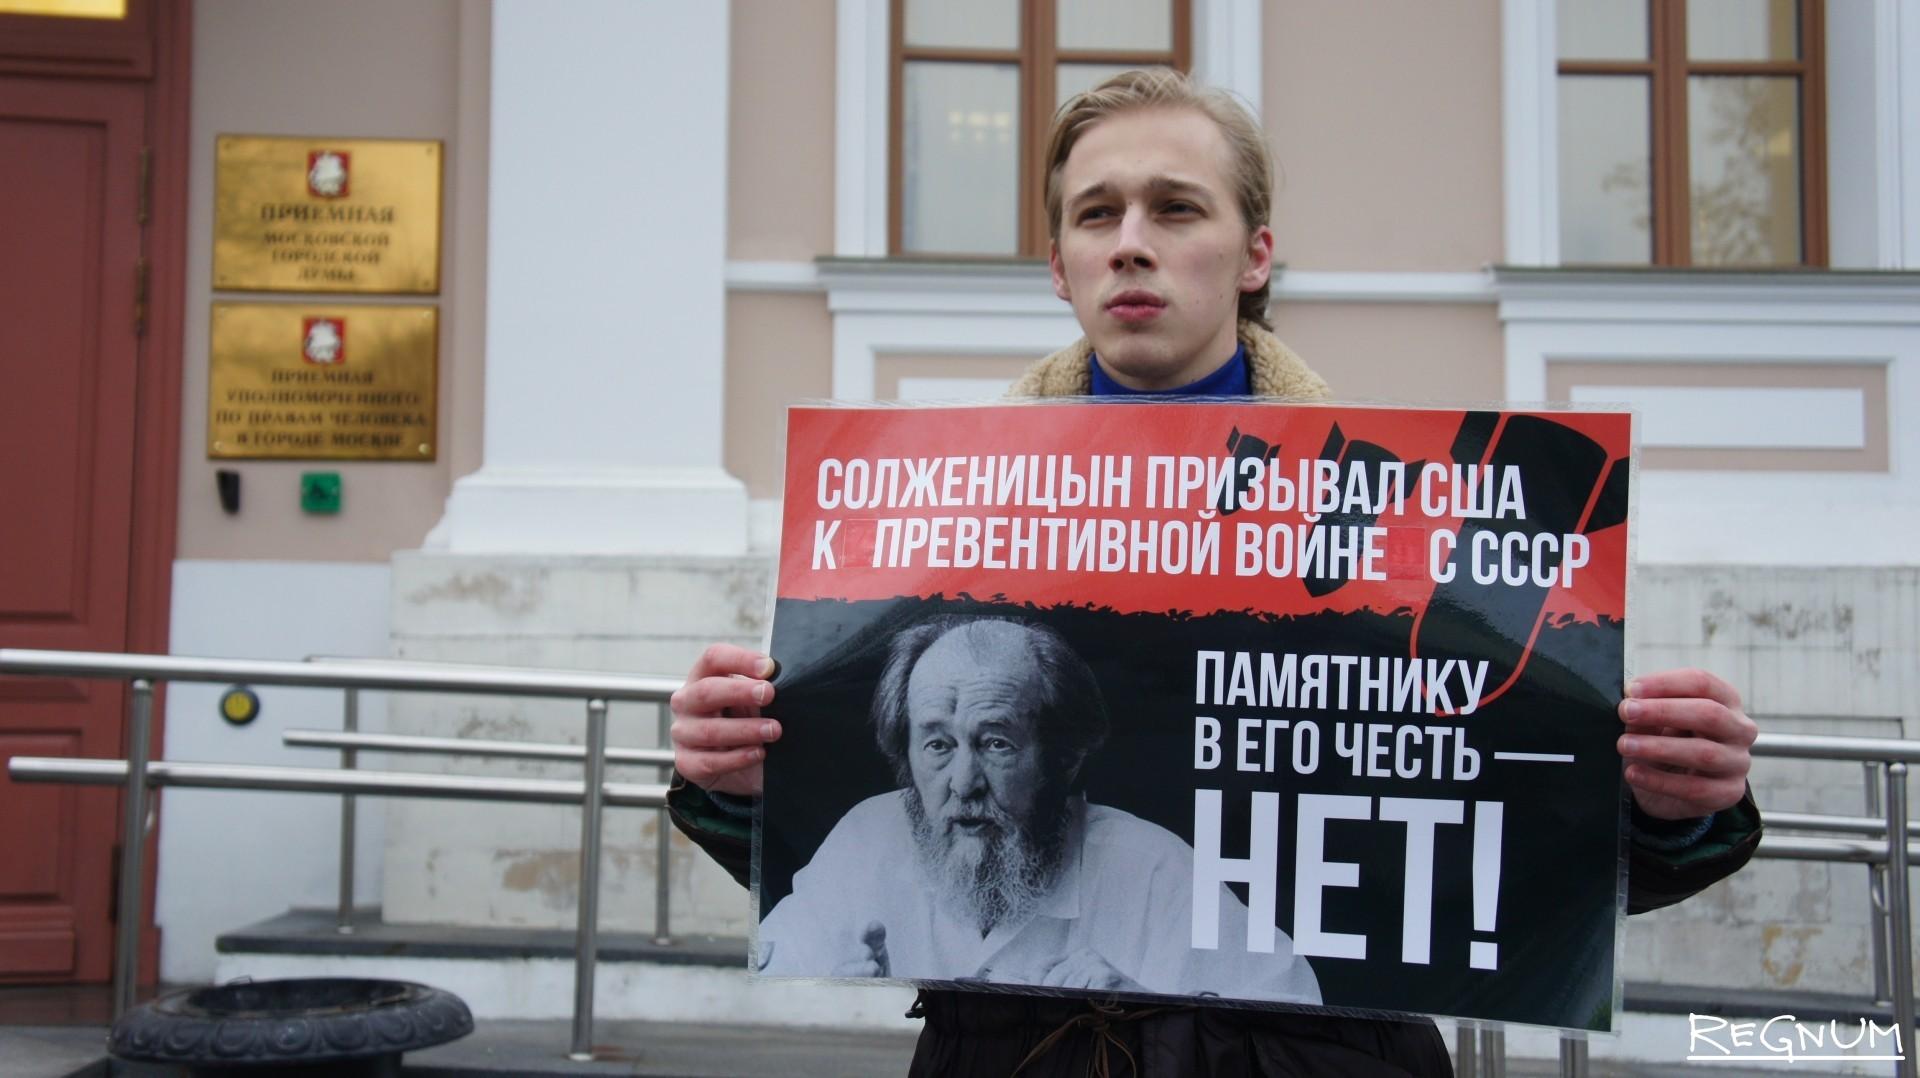 В Москве прошли пикеты против памятника Солженицыну-pic1